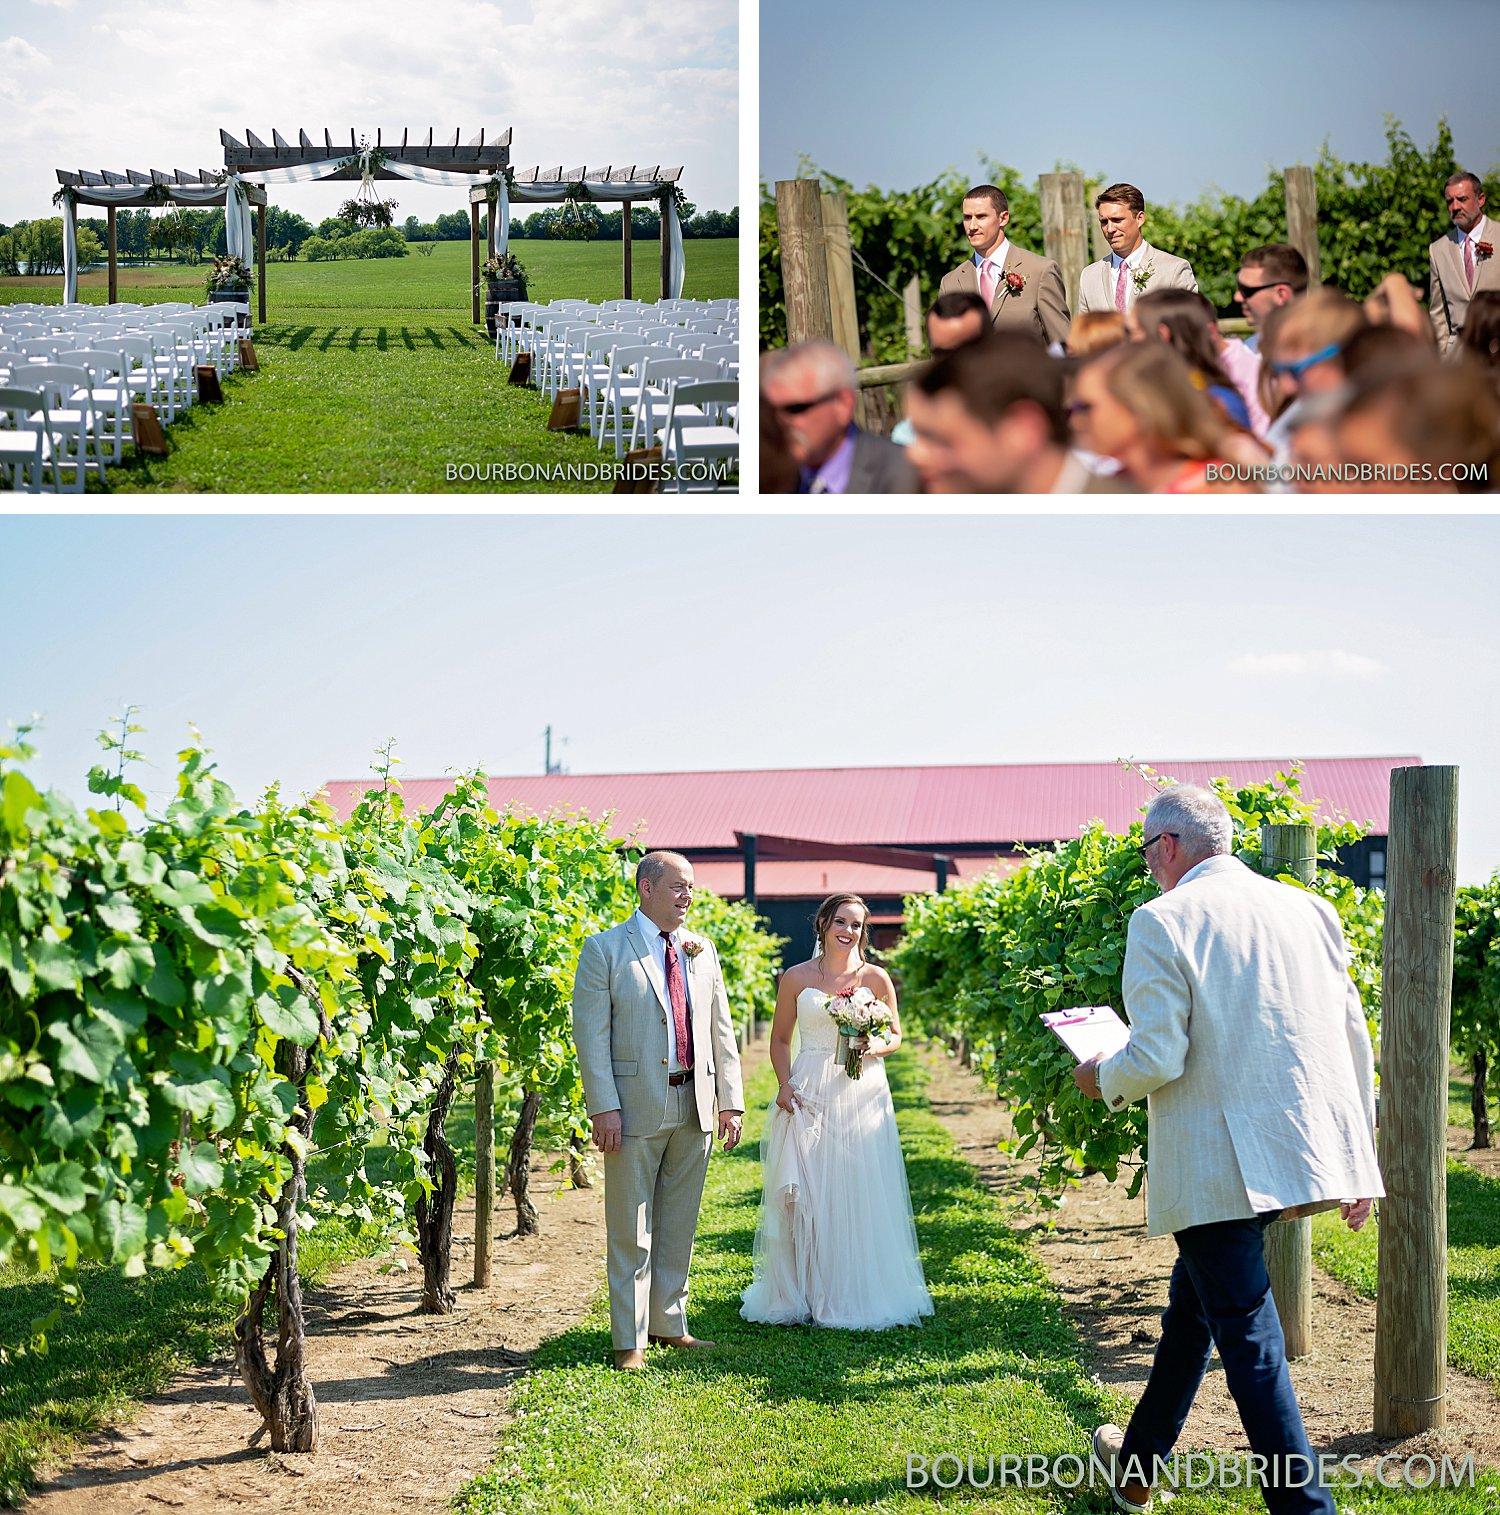 talon-winery-lexington-ceremony.jpeg